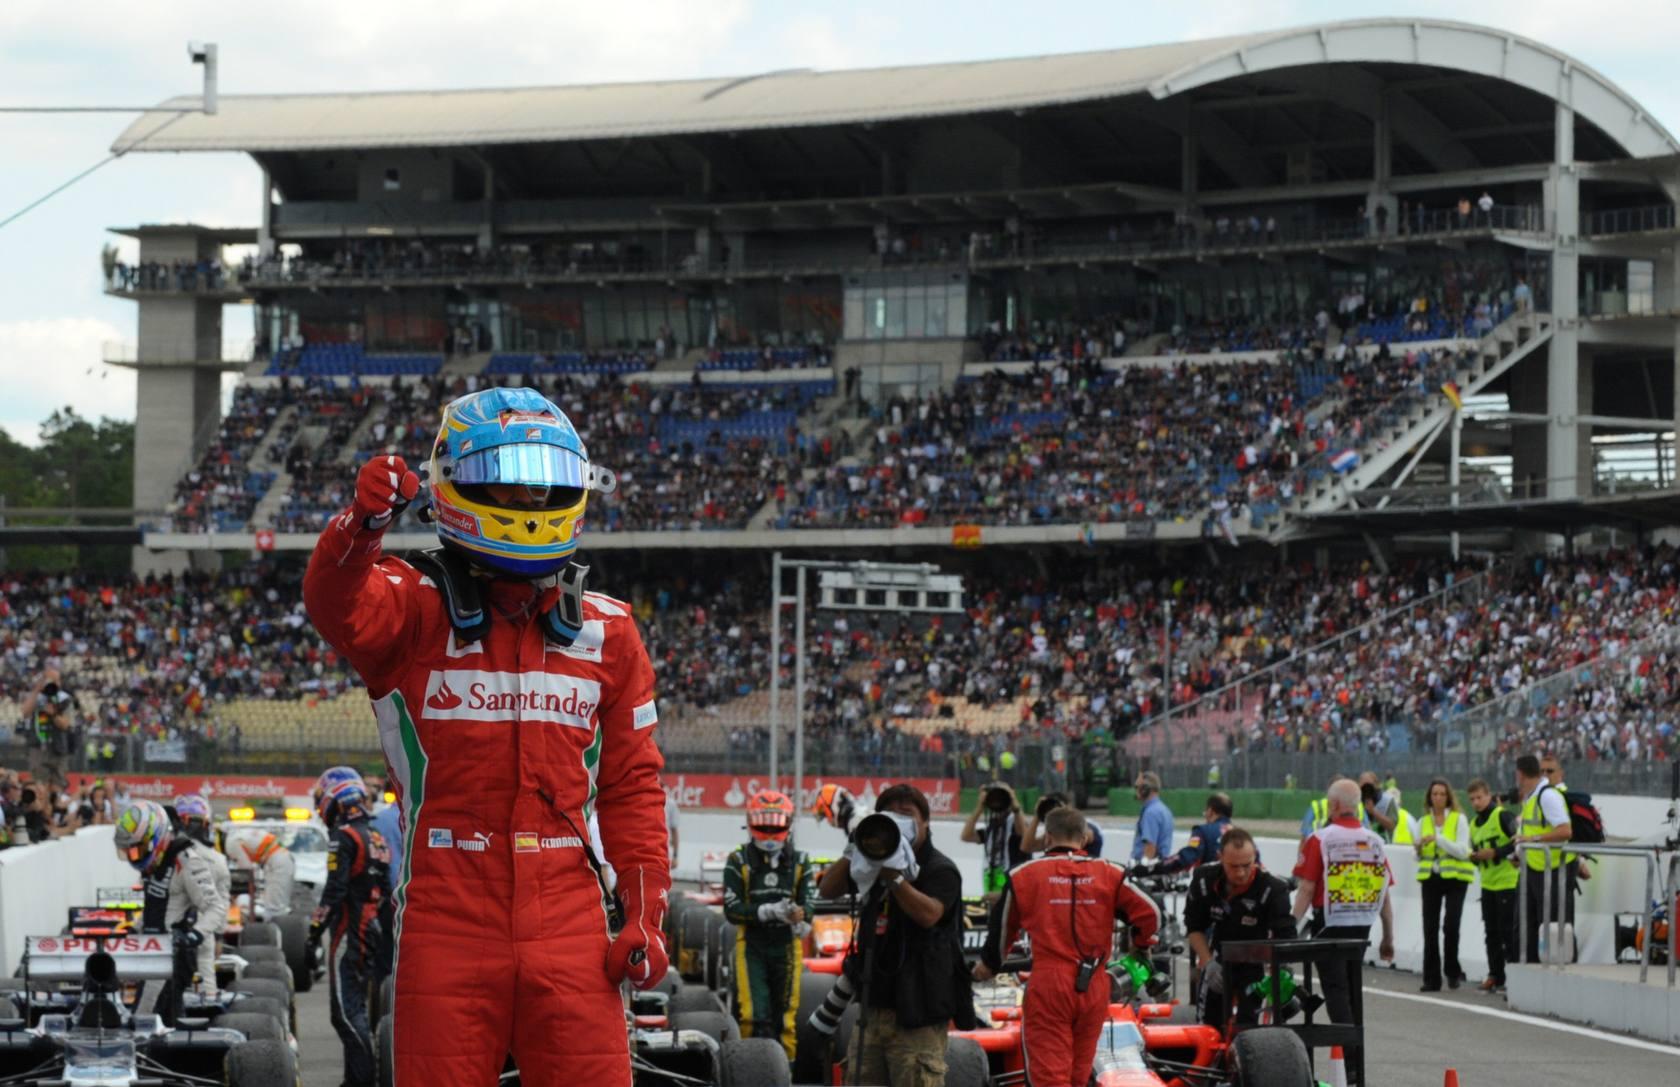 Alonso gana el Gran Premio de Alemania de Fórmula 1 en Hockenheim